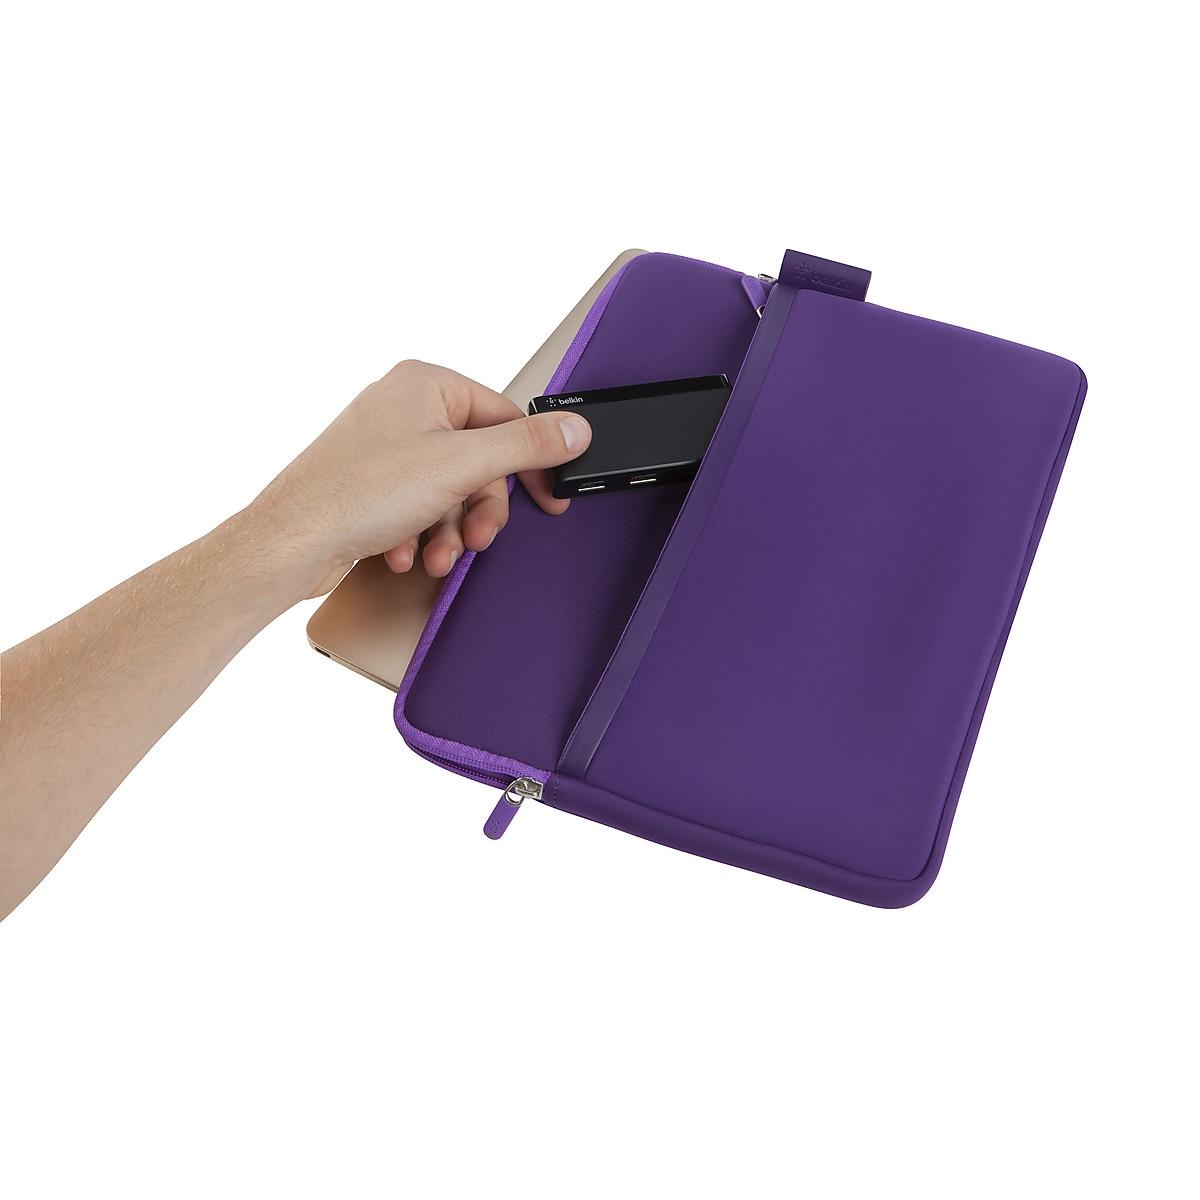 USB-C-Minihub, 4 Ports USB 3.0, Belkin